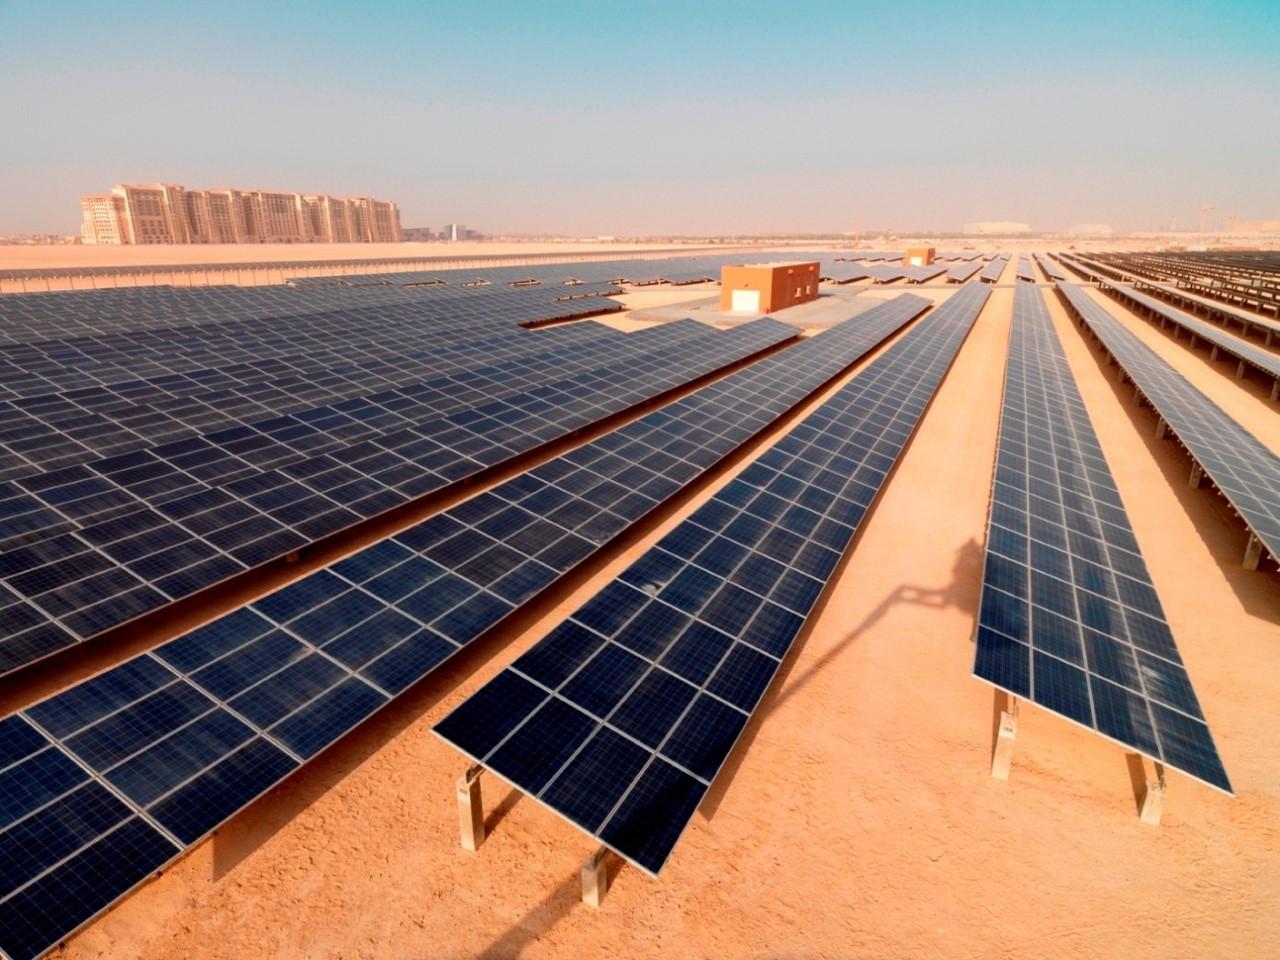 محطة توليد طاقة شمسية - أزمة الكهرباء في العراق